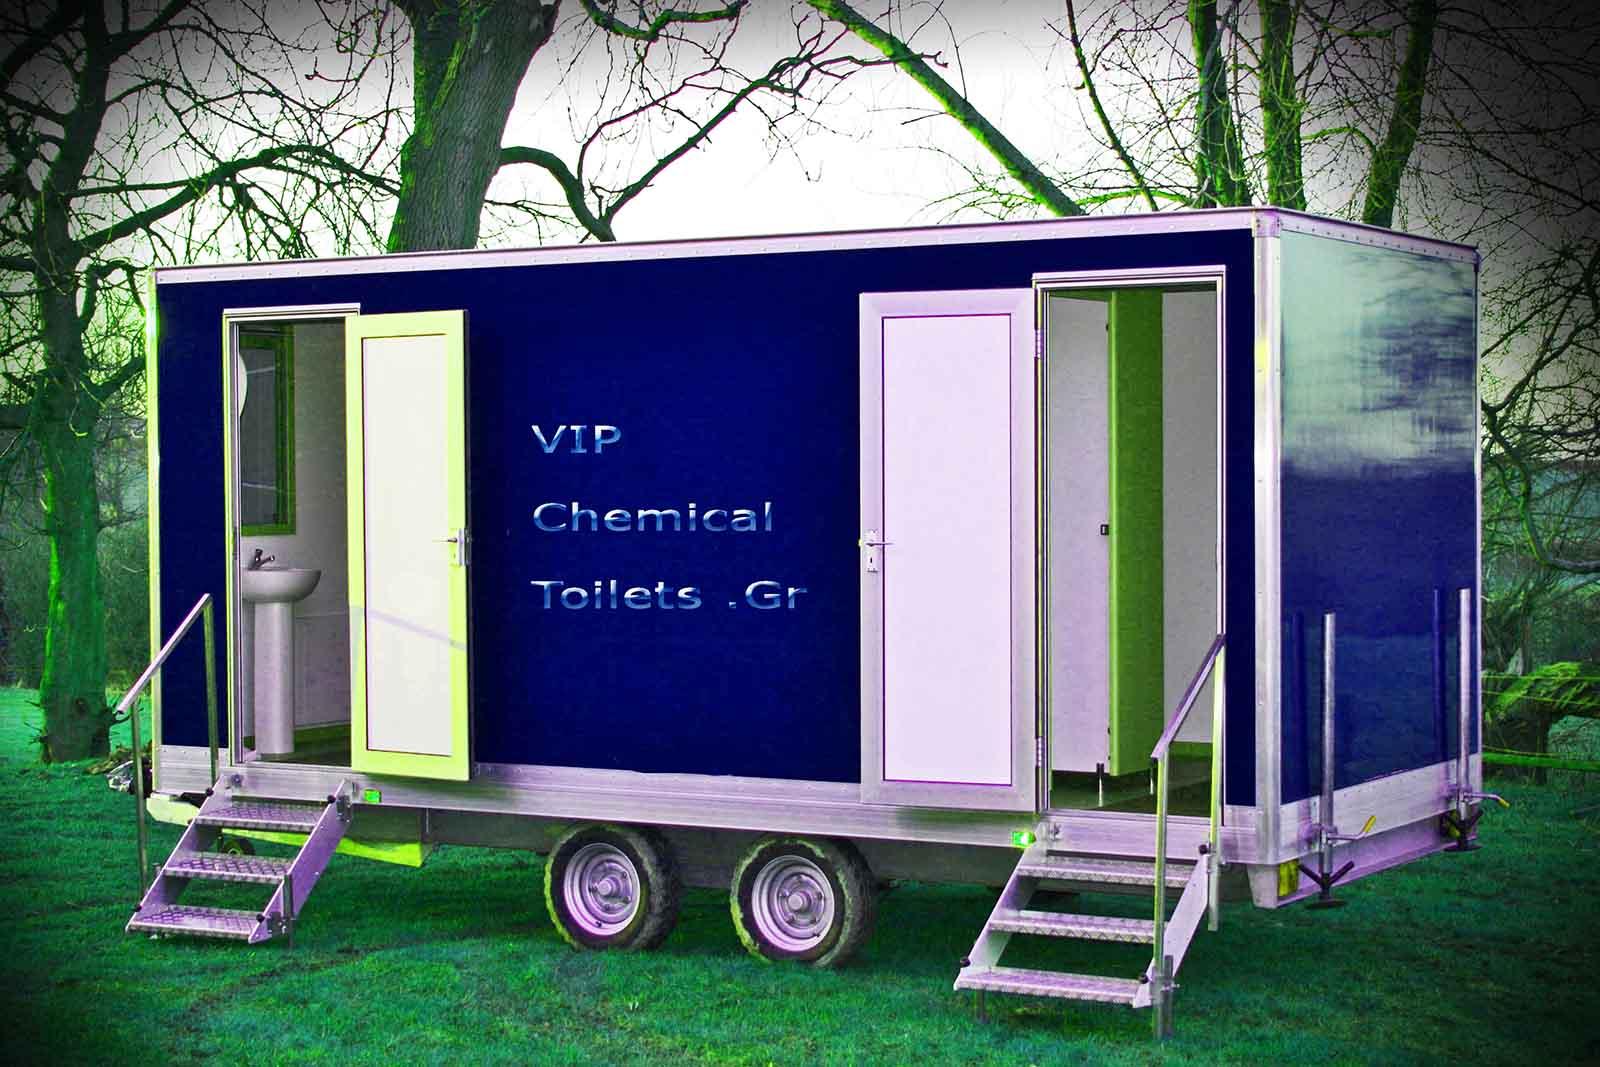 Πολυτελείς χημικές τουαλέτες vip